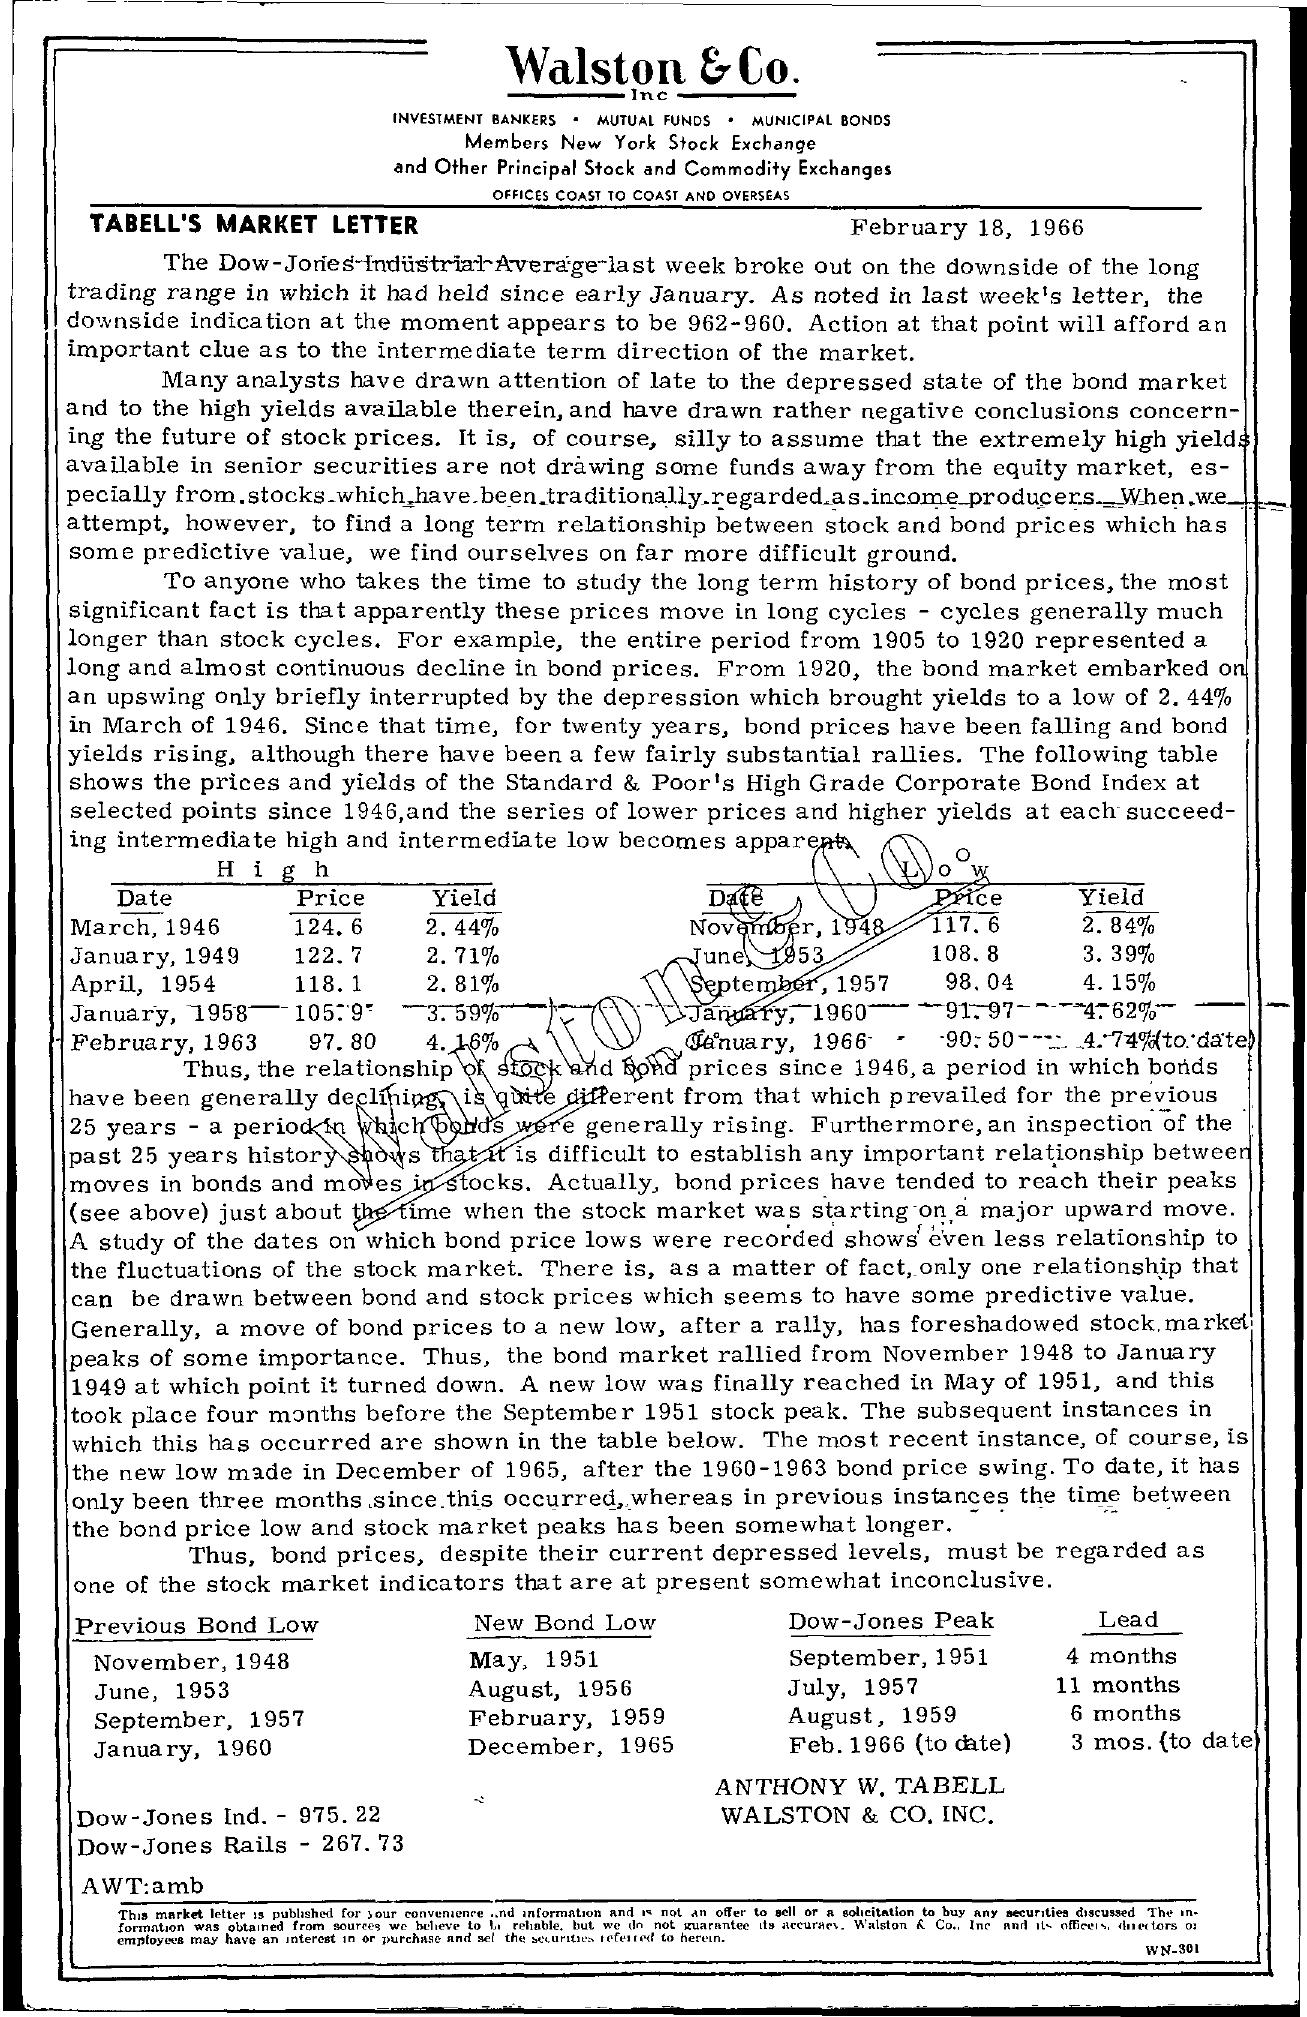 Tabell's Market Letter - February 18, 1966